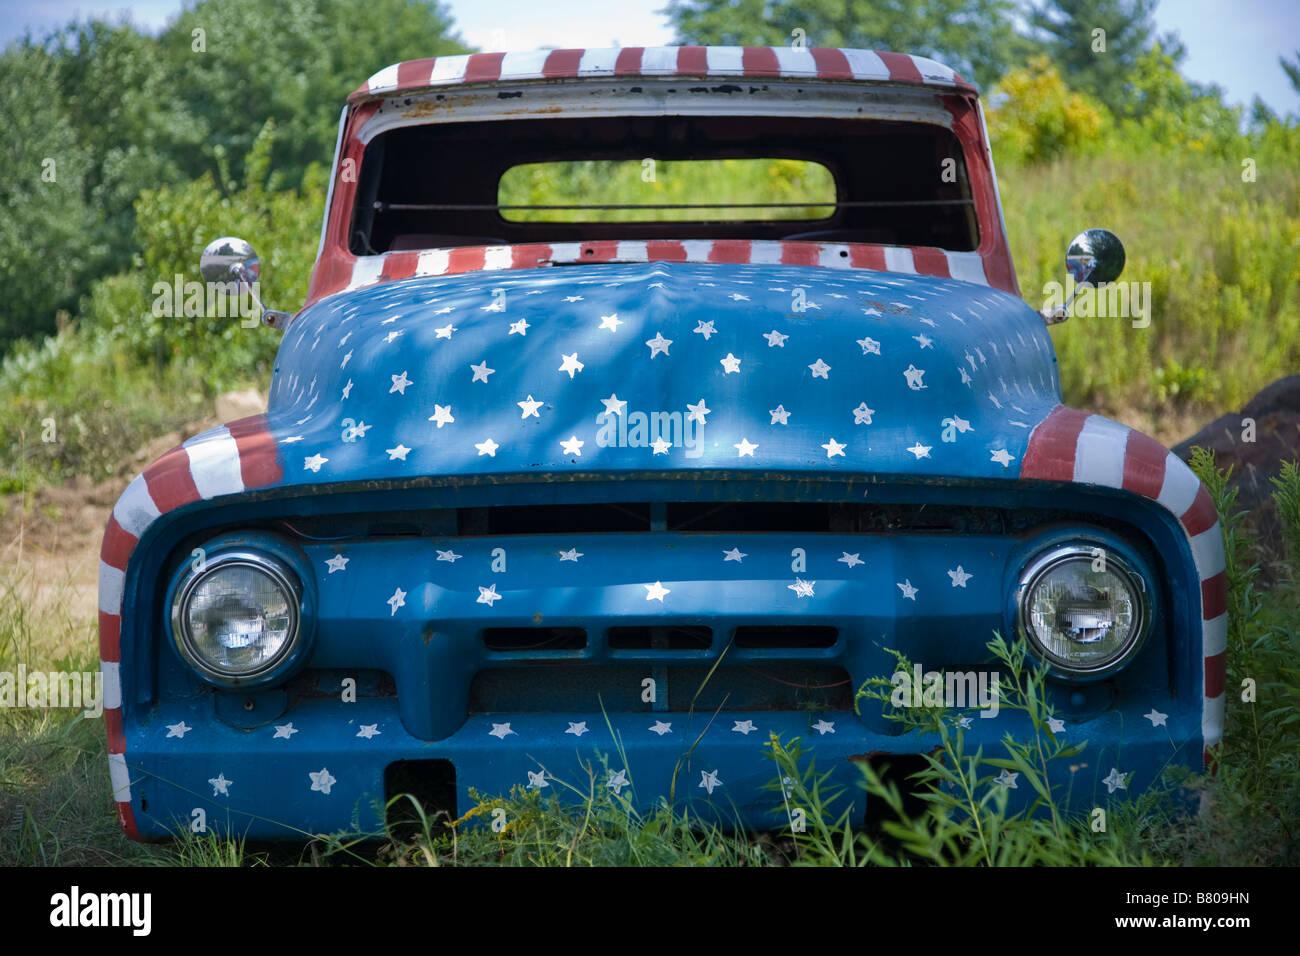 Después del 11 de septiembre, en un espectáculo de patriotismo, Jay Sawyer y su hijo pintó este viejo Imagen De Stock